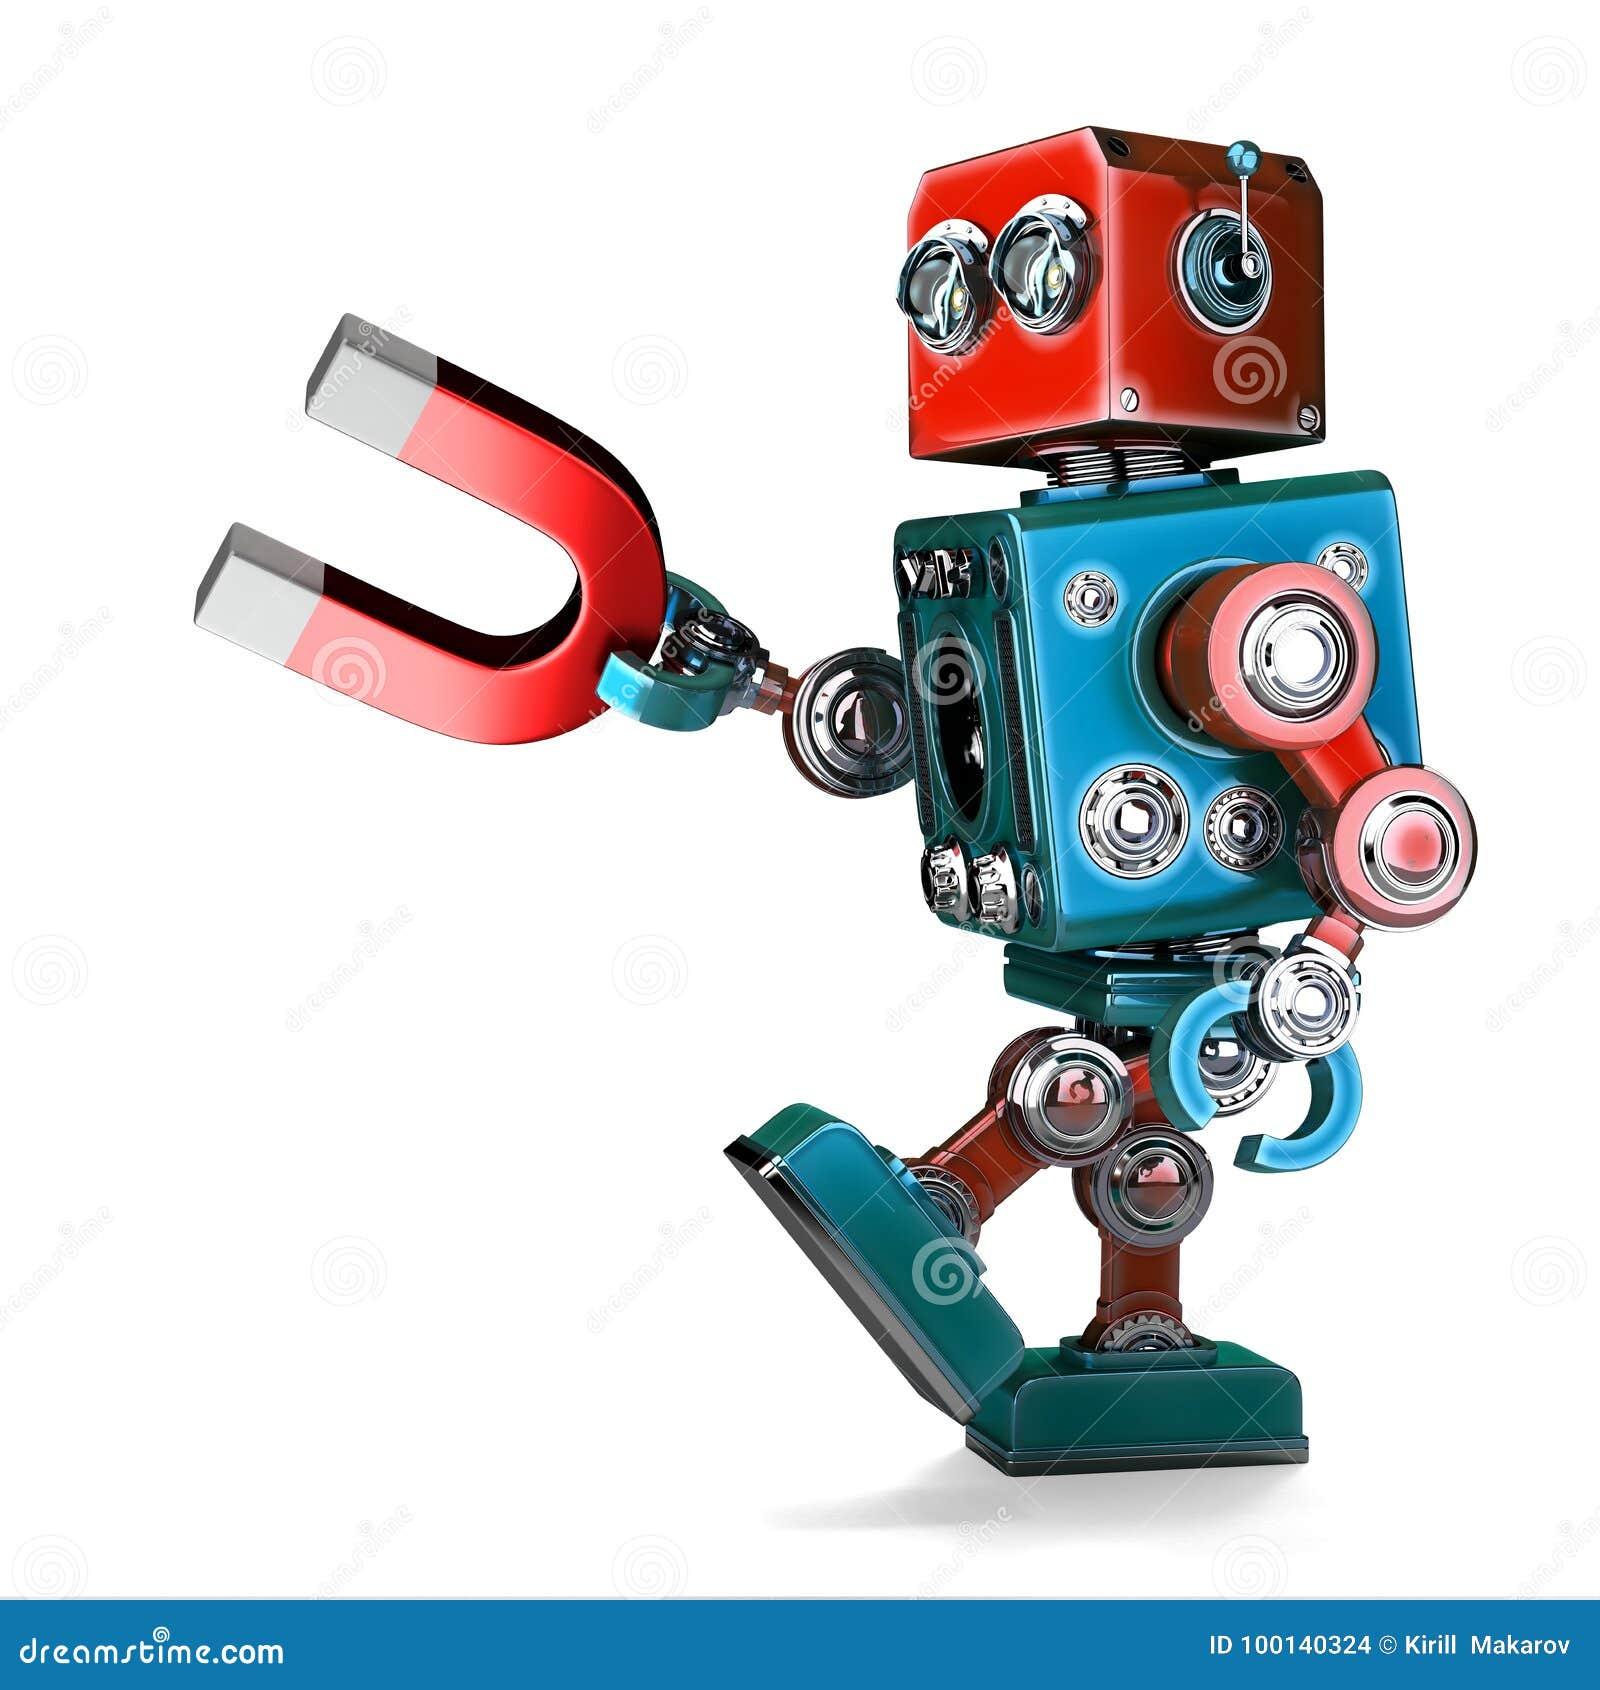 Ретро робот держа магнит иллюстрация 3d изолировано содержите